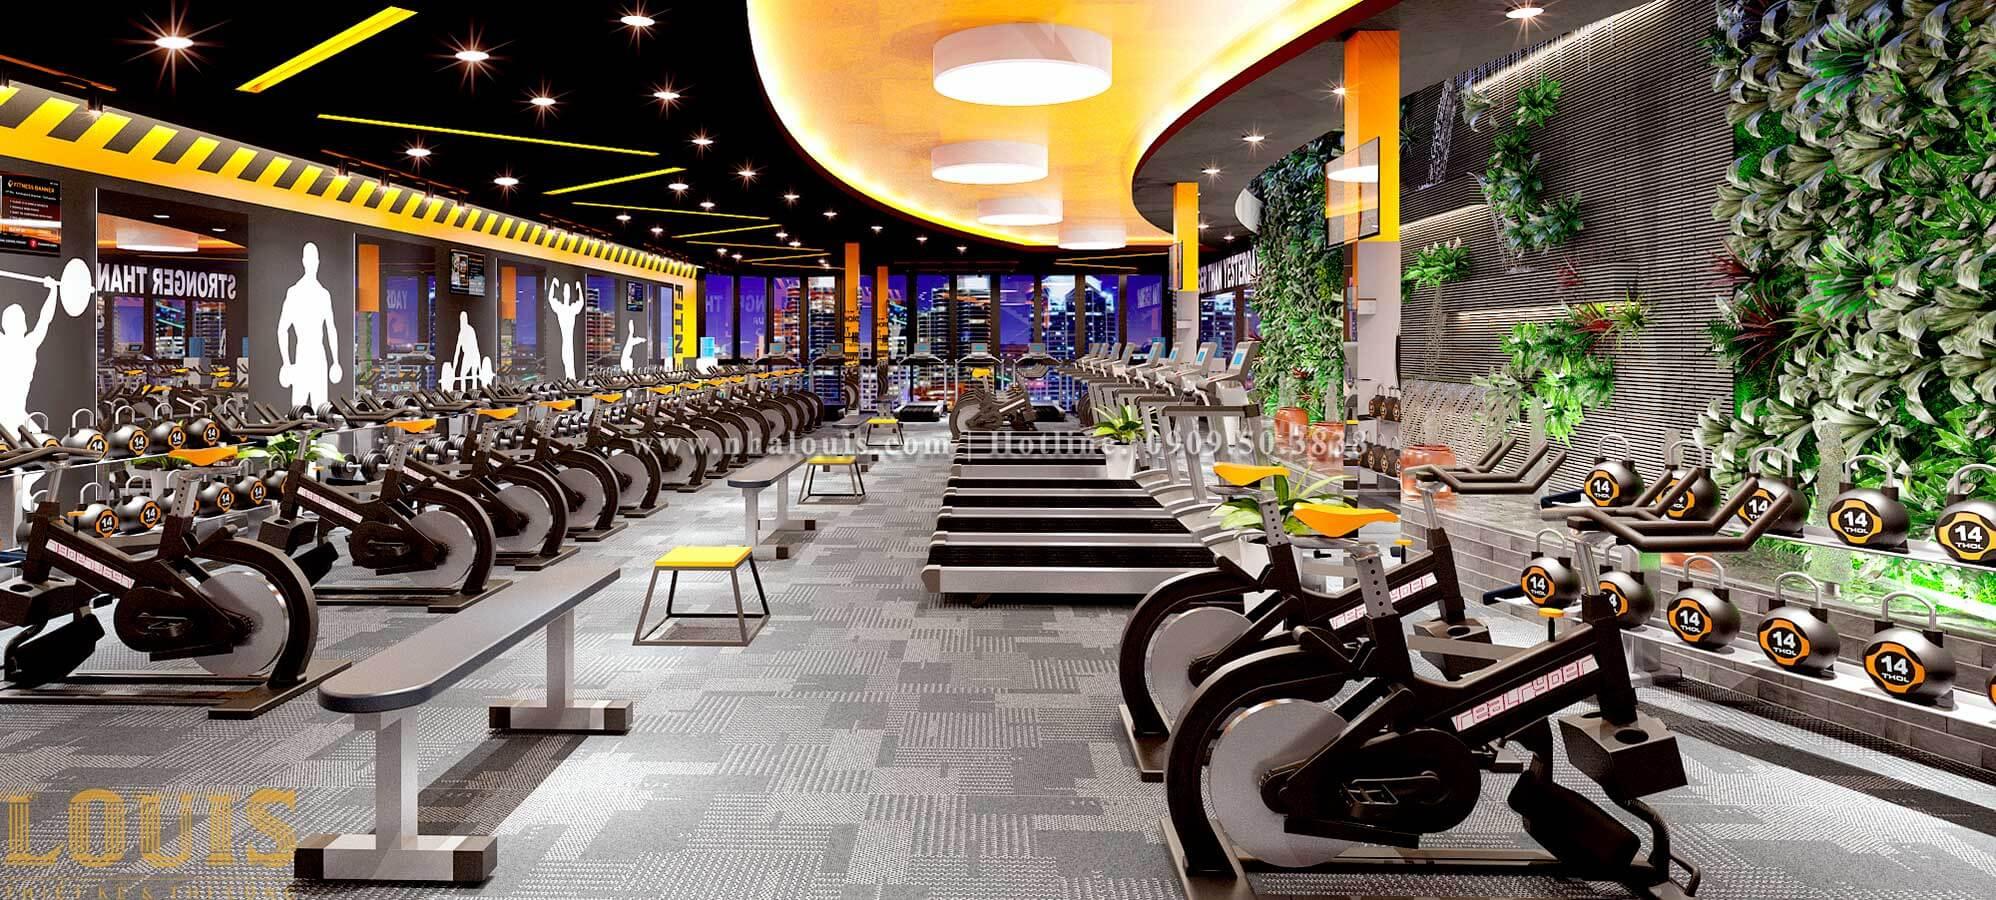 Phòng tập Mẫu thiết kế phòng gym chuẩn hiện đại tại Quận 9 - 06